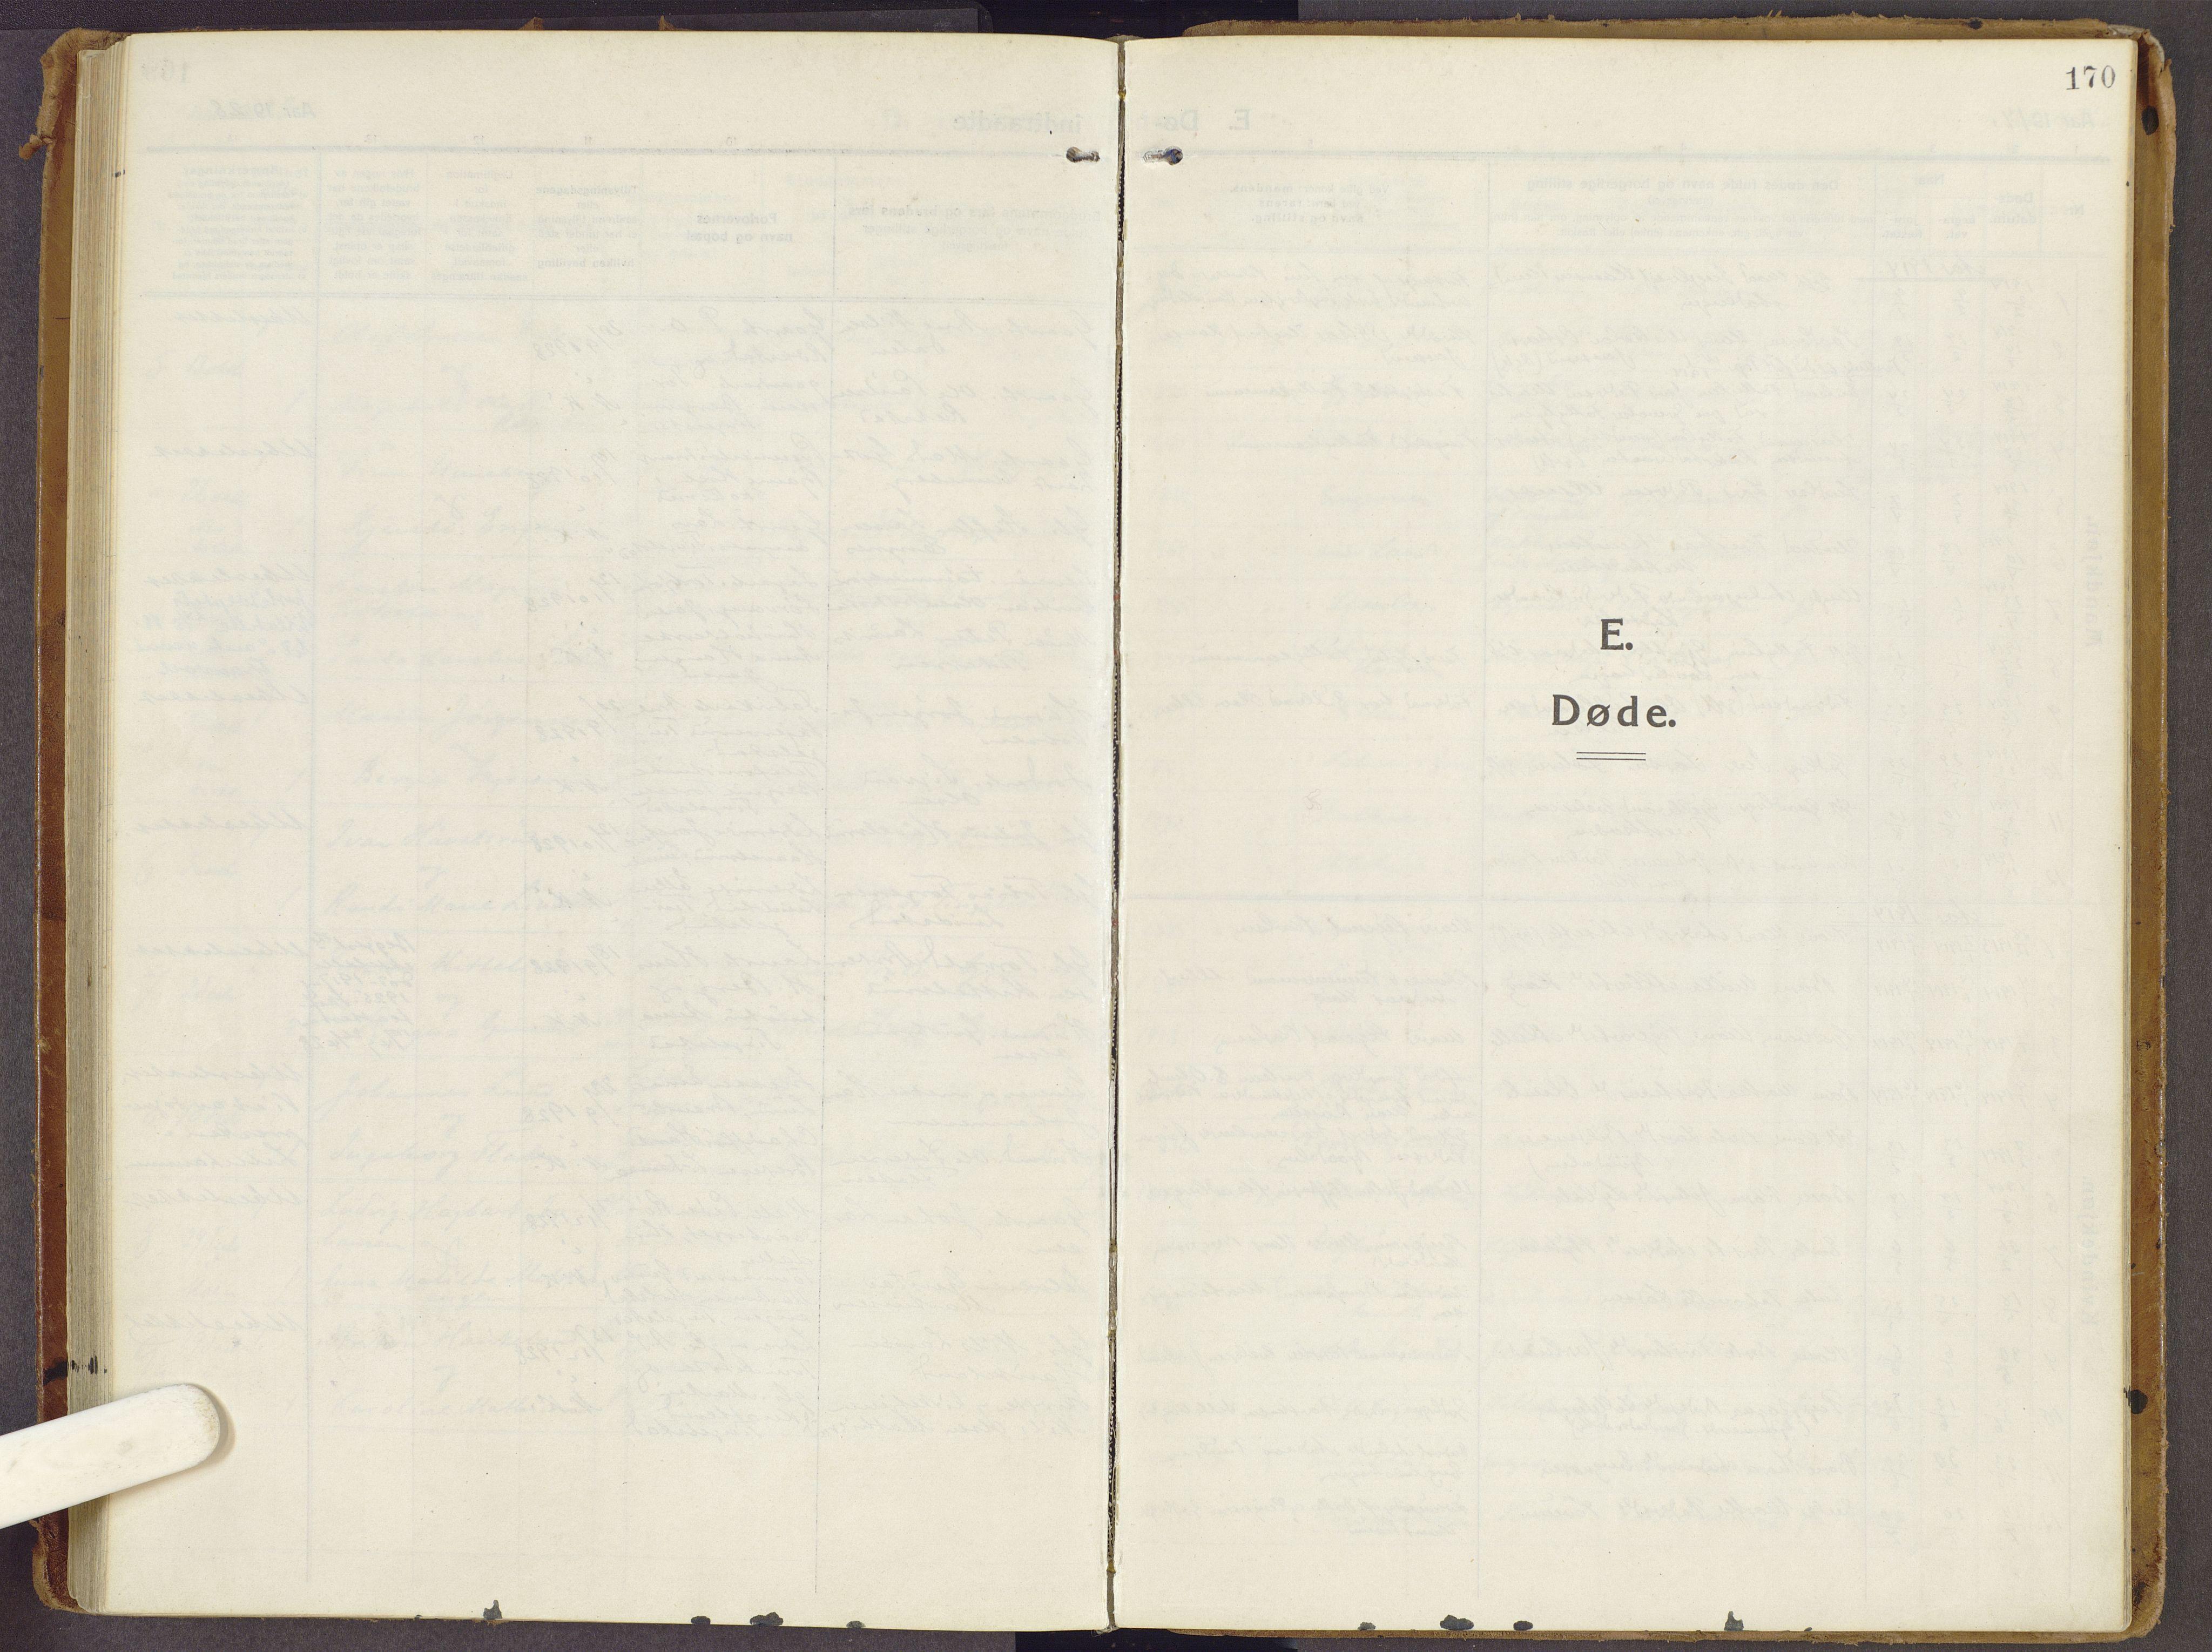 SAH, Brandbu prestekontor, Ministerialbok nr. 3, 1914-1928, s. 170